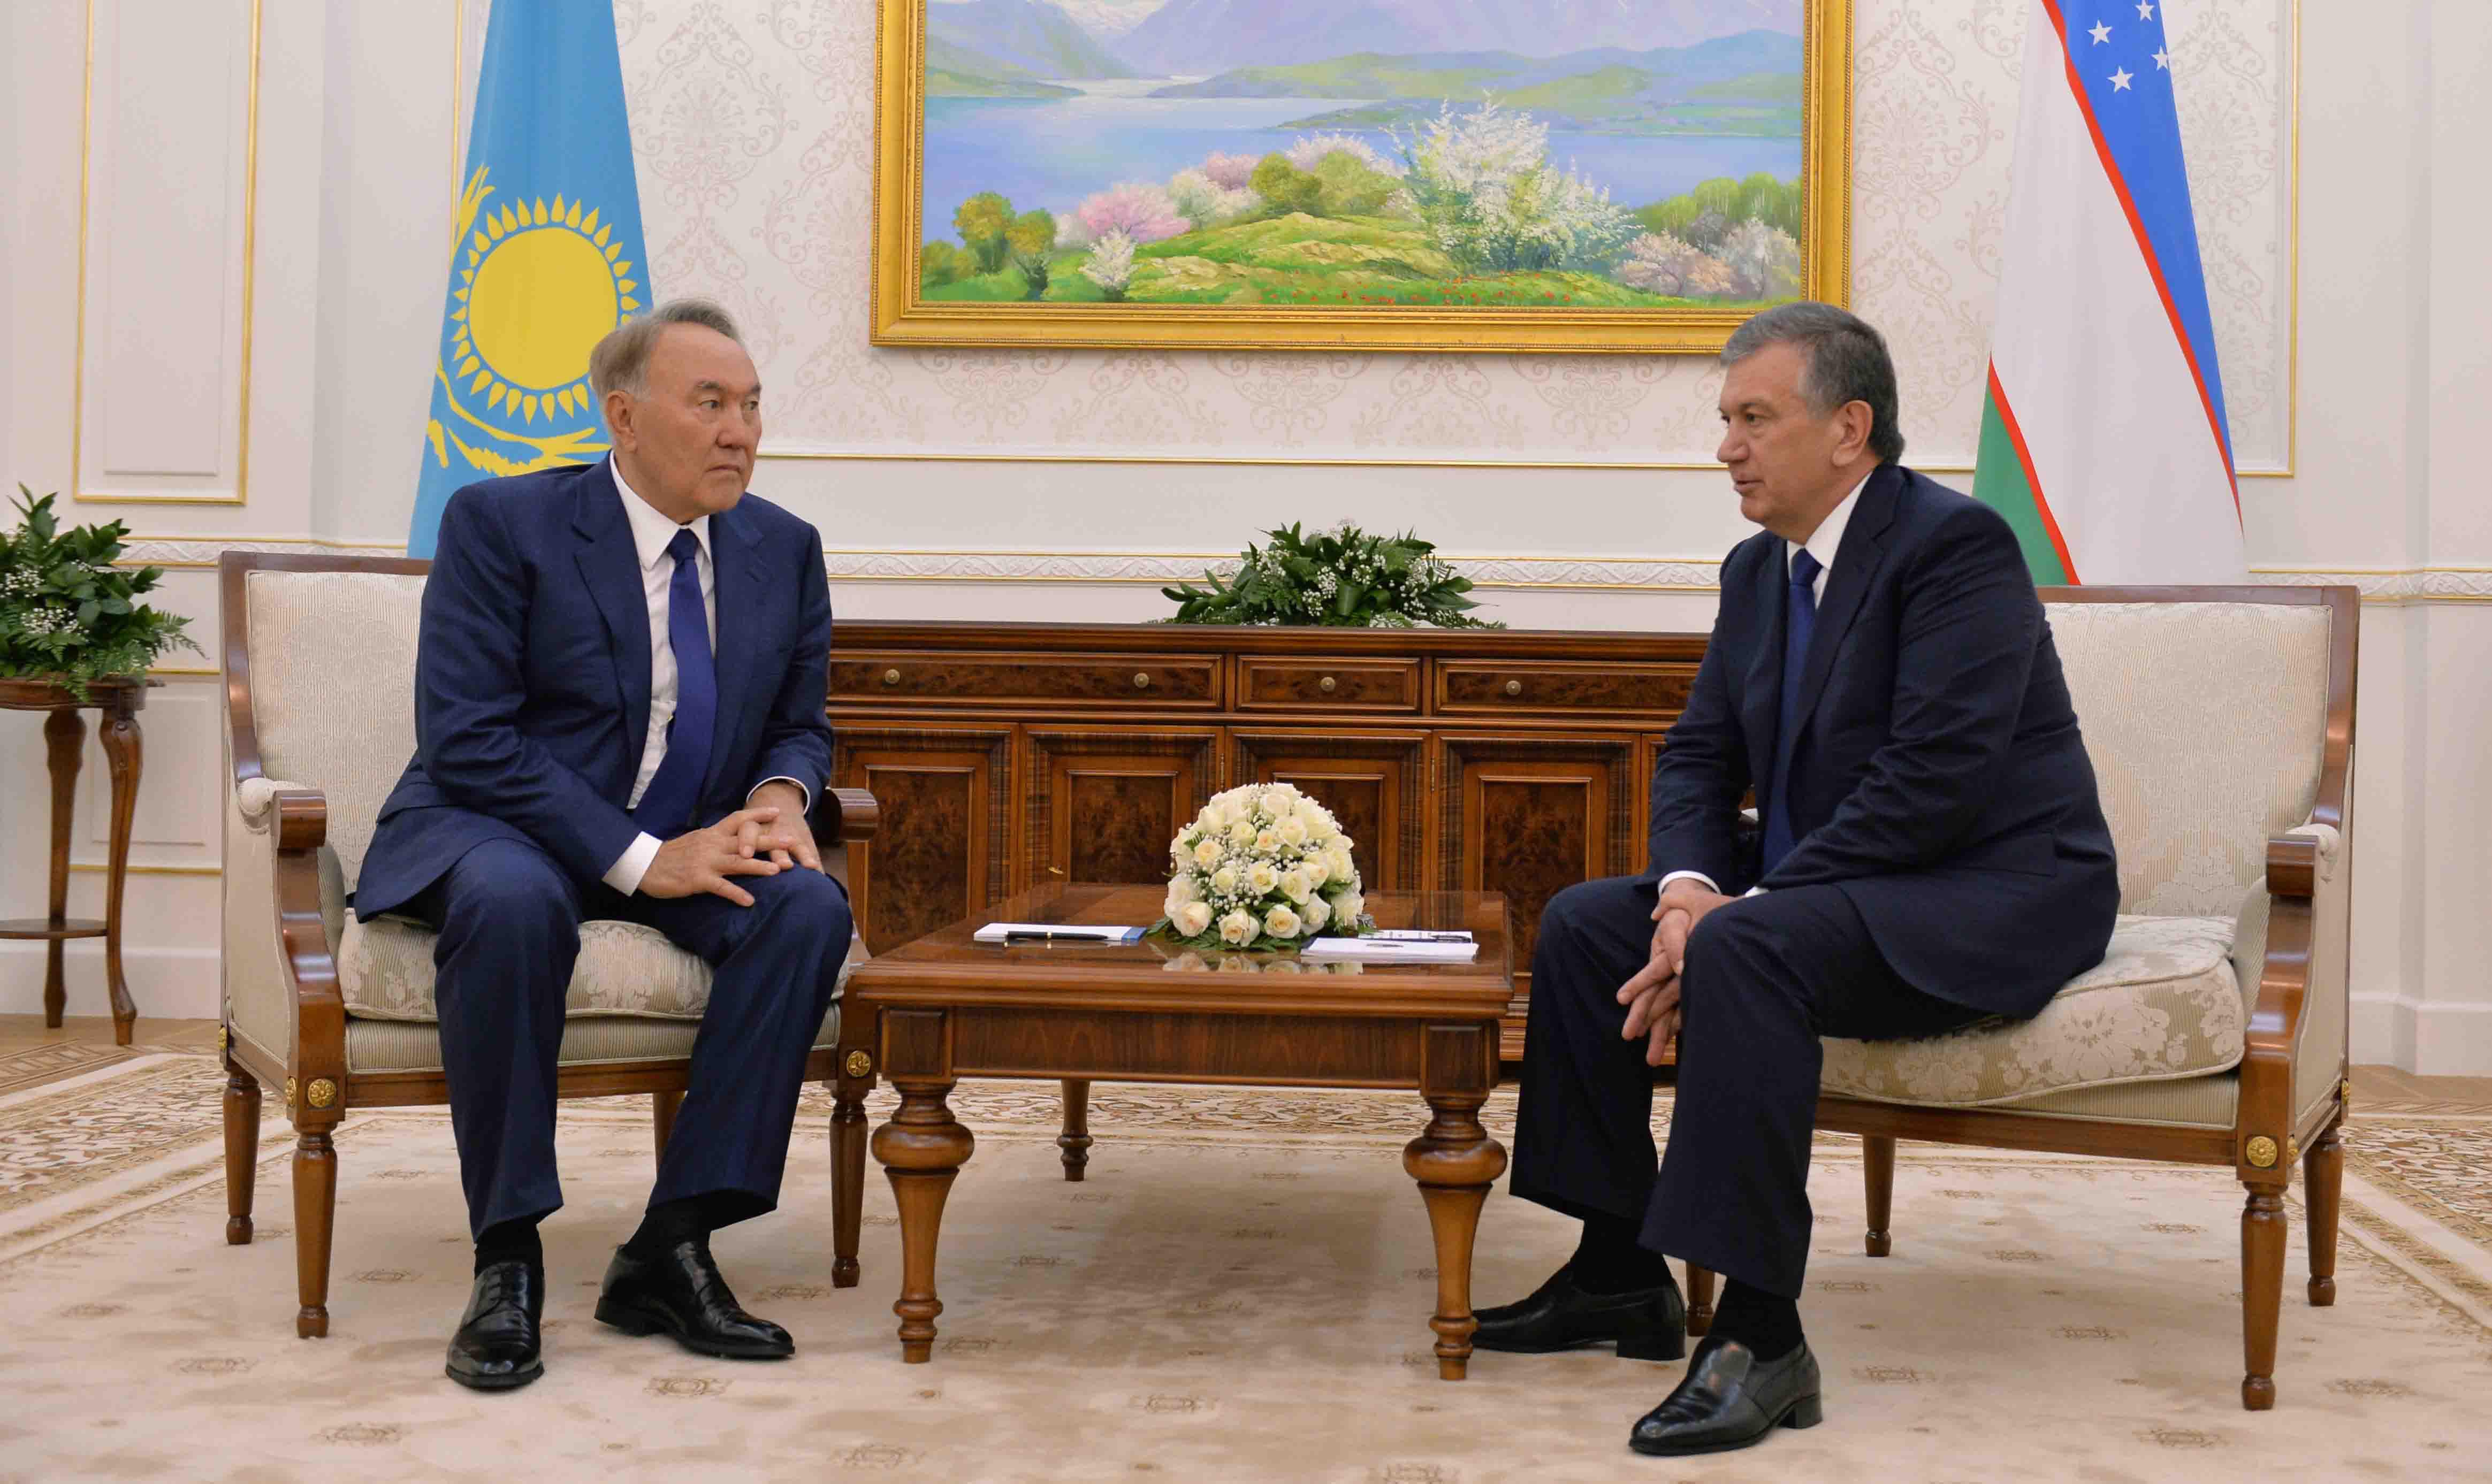 Узбекистан и Казахстан укрепляют сотрудничество в борьбе с терроризмом